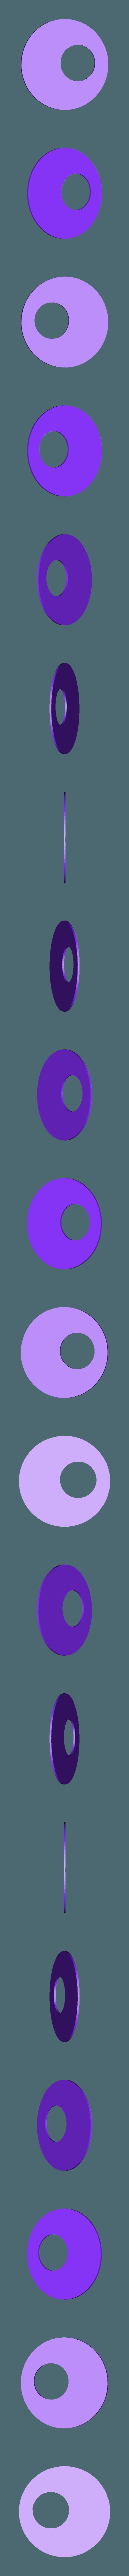 PacManBank_Eye_Left.stl Télécharger fichier STL gratuit Pac Man Piggy Bank - plus grande porte / trou / ouverture • Modèle pour imprimante 3D, plokr